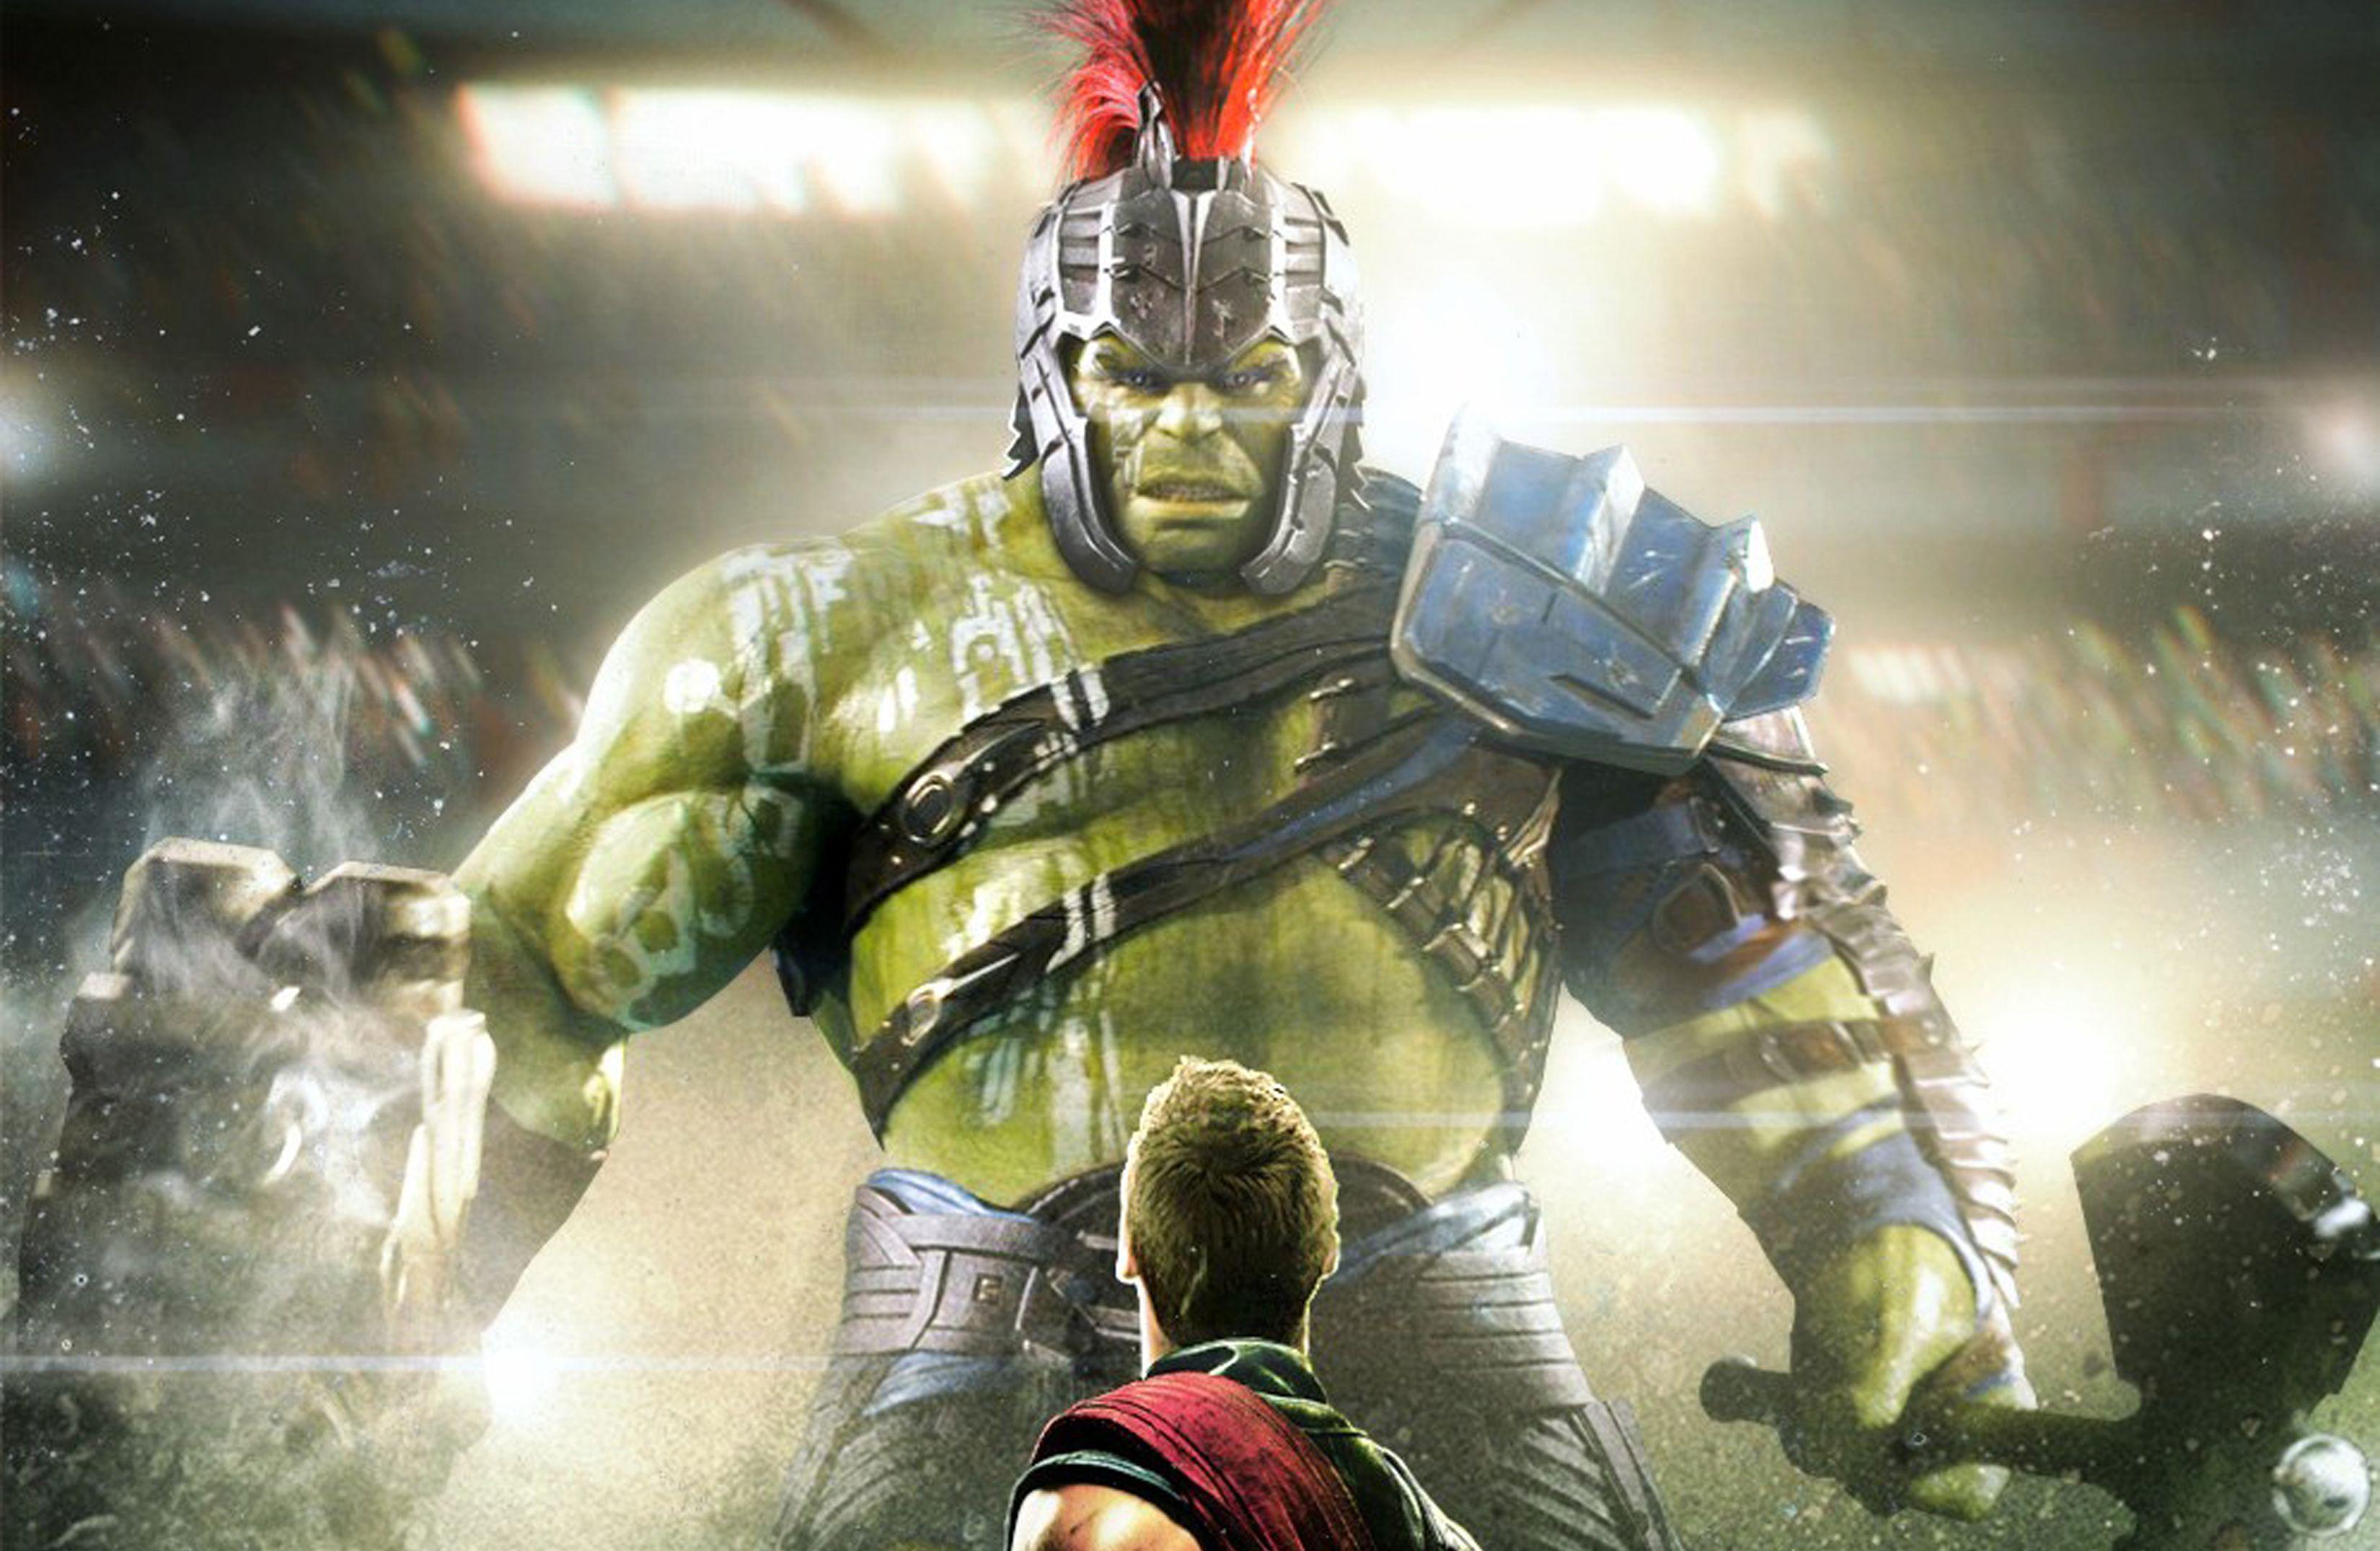 Thor Hulk 4k Wallpapers Top Free Thor Hulk 4k Backgrounds